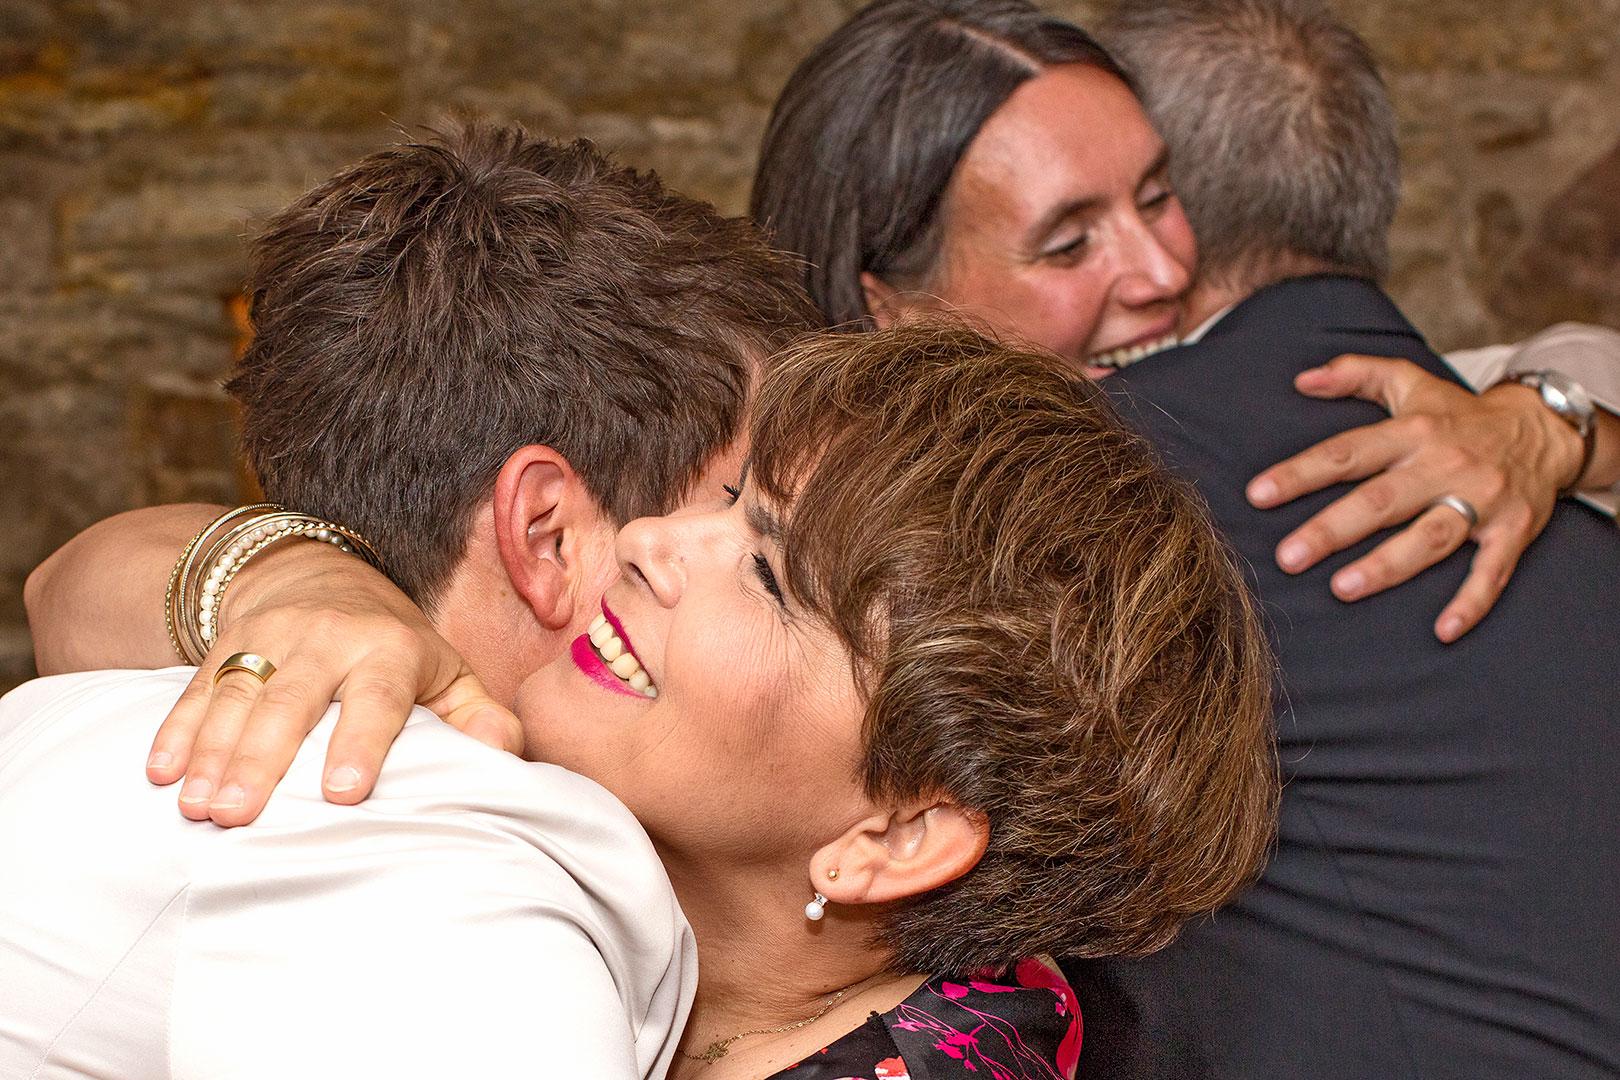 Hochzeitsfotografie: Gratulation | Foto: Dieter Eikenberg, imprints